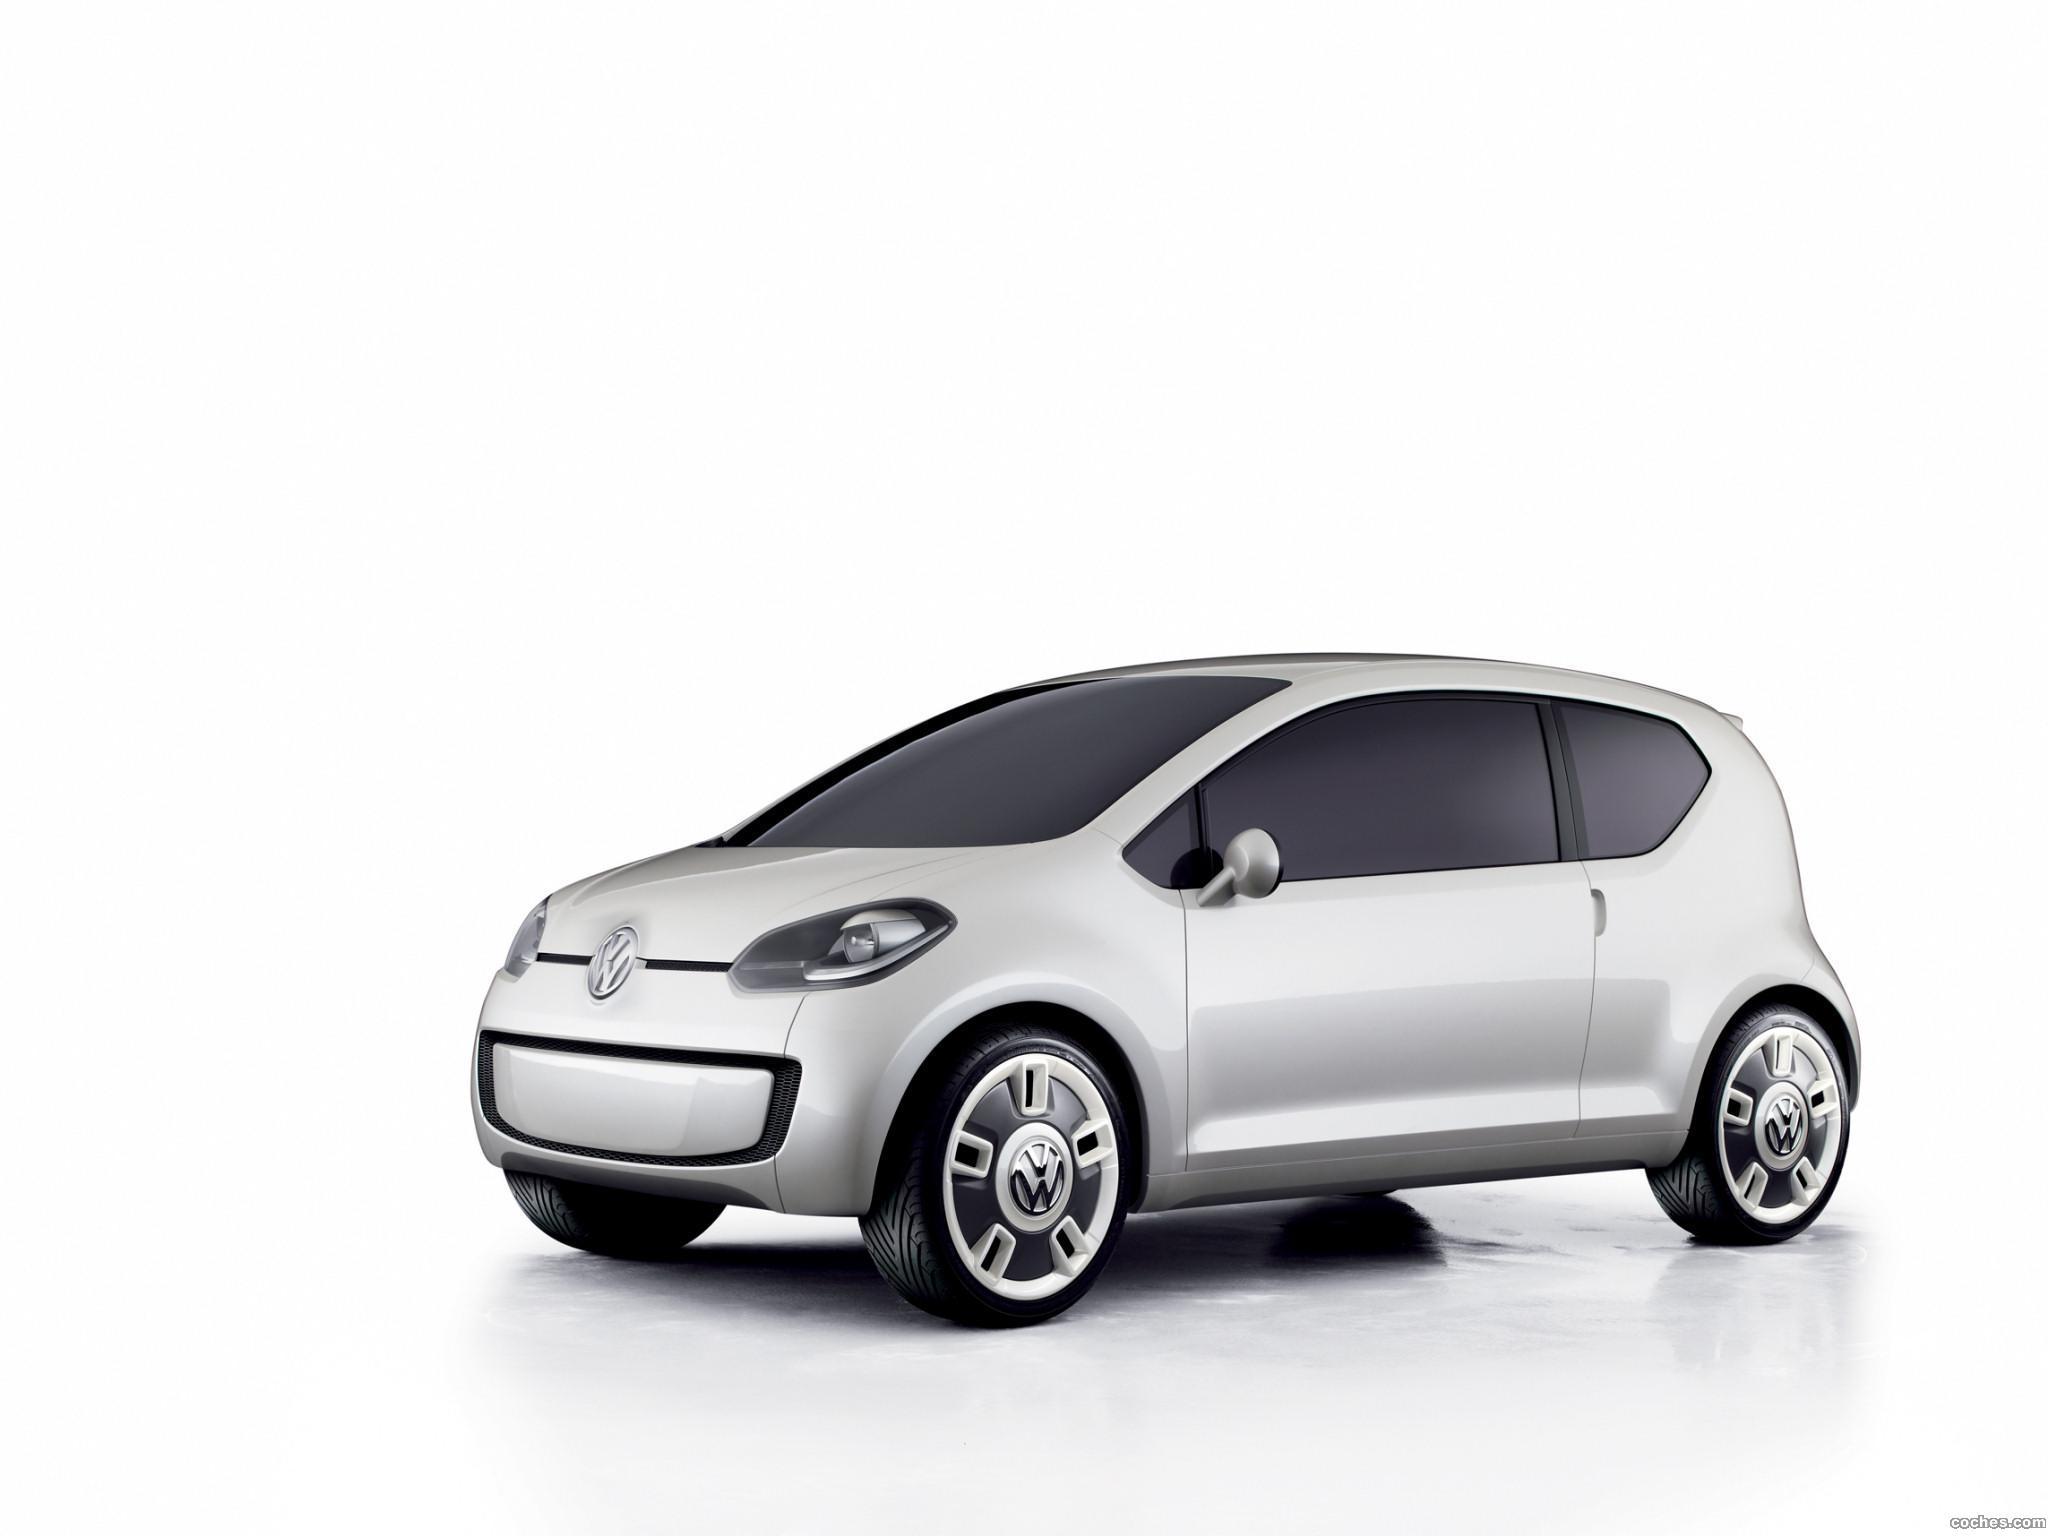 Foto 3 de Volkswagen Up! Concept 2007